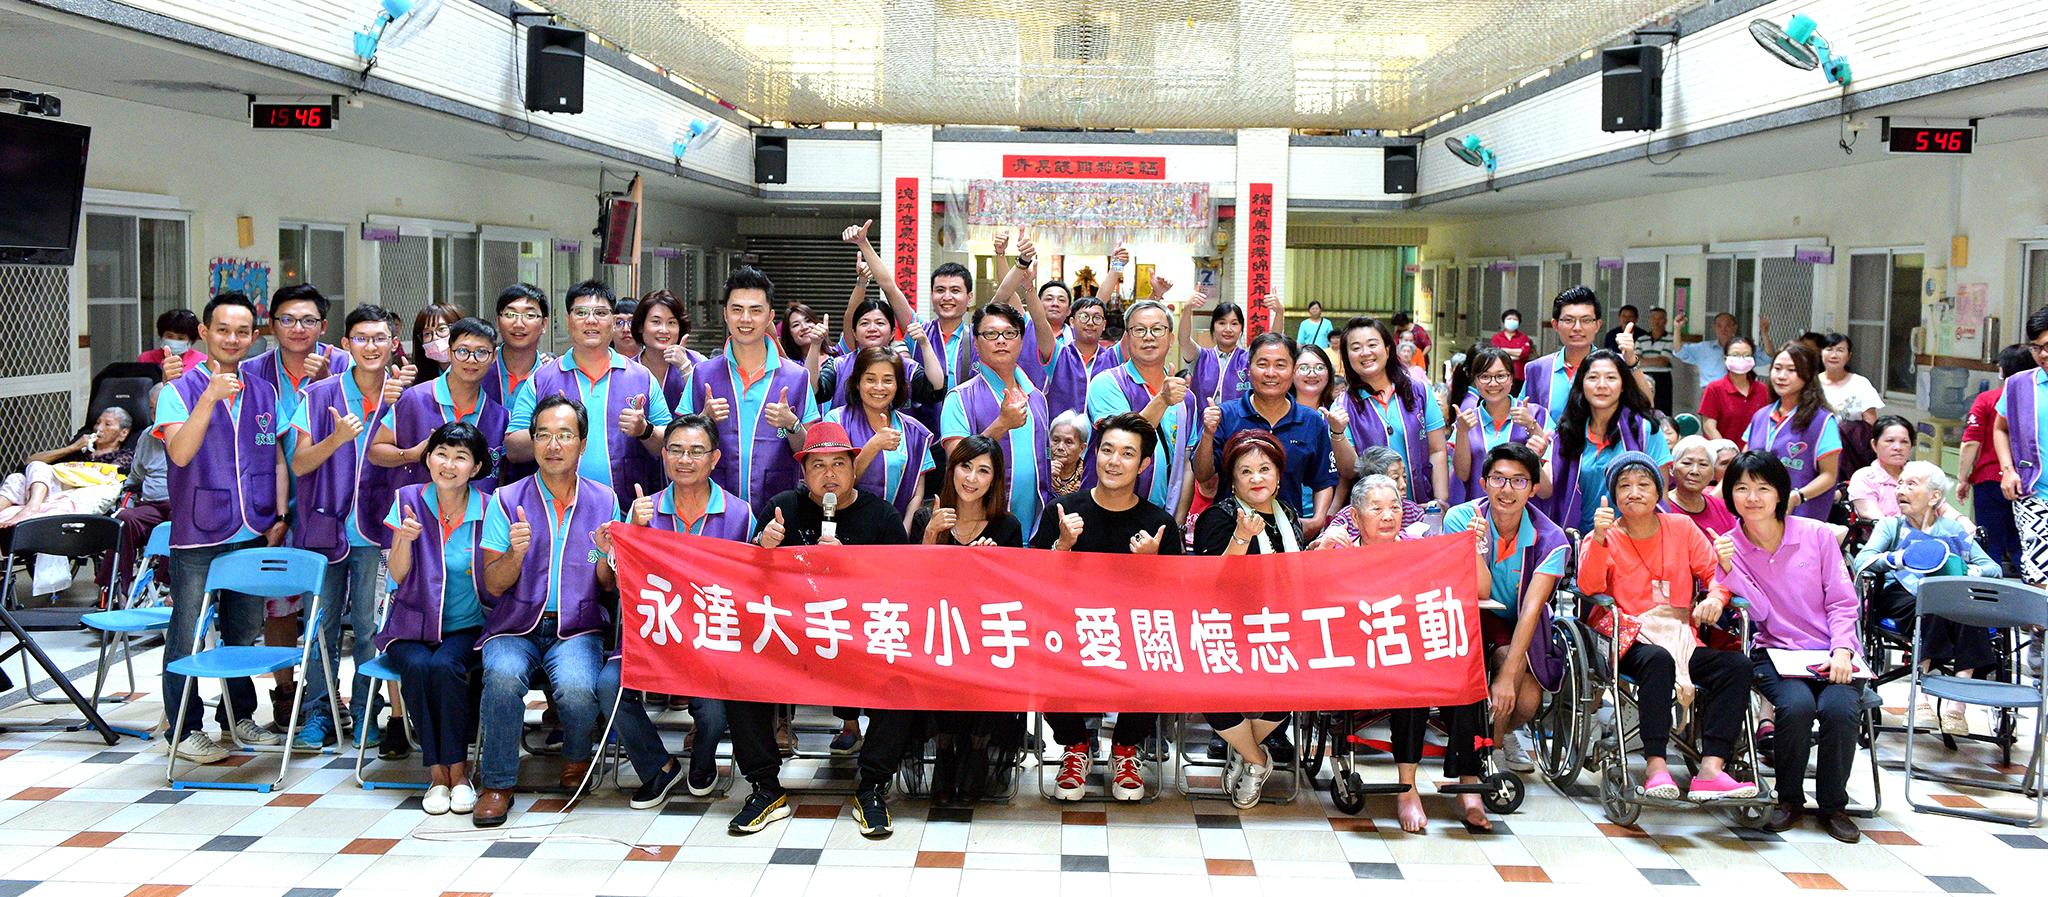 永達李世傑副總(左三)帶領團隊志工參加探訪活動。